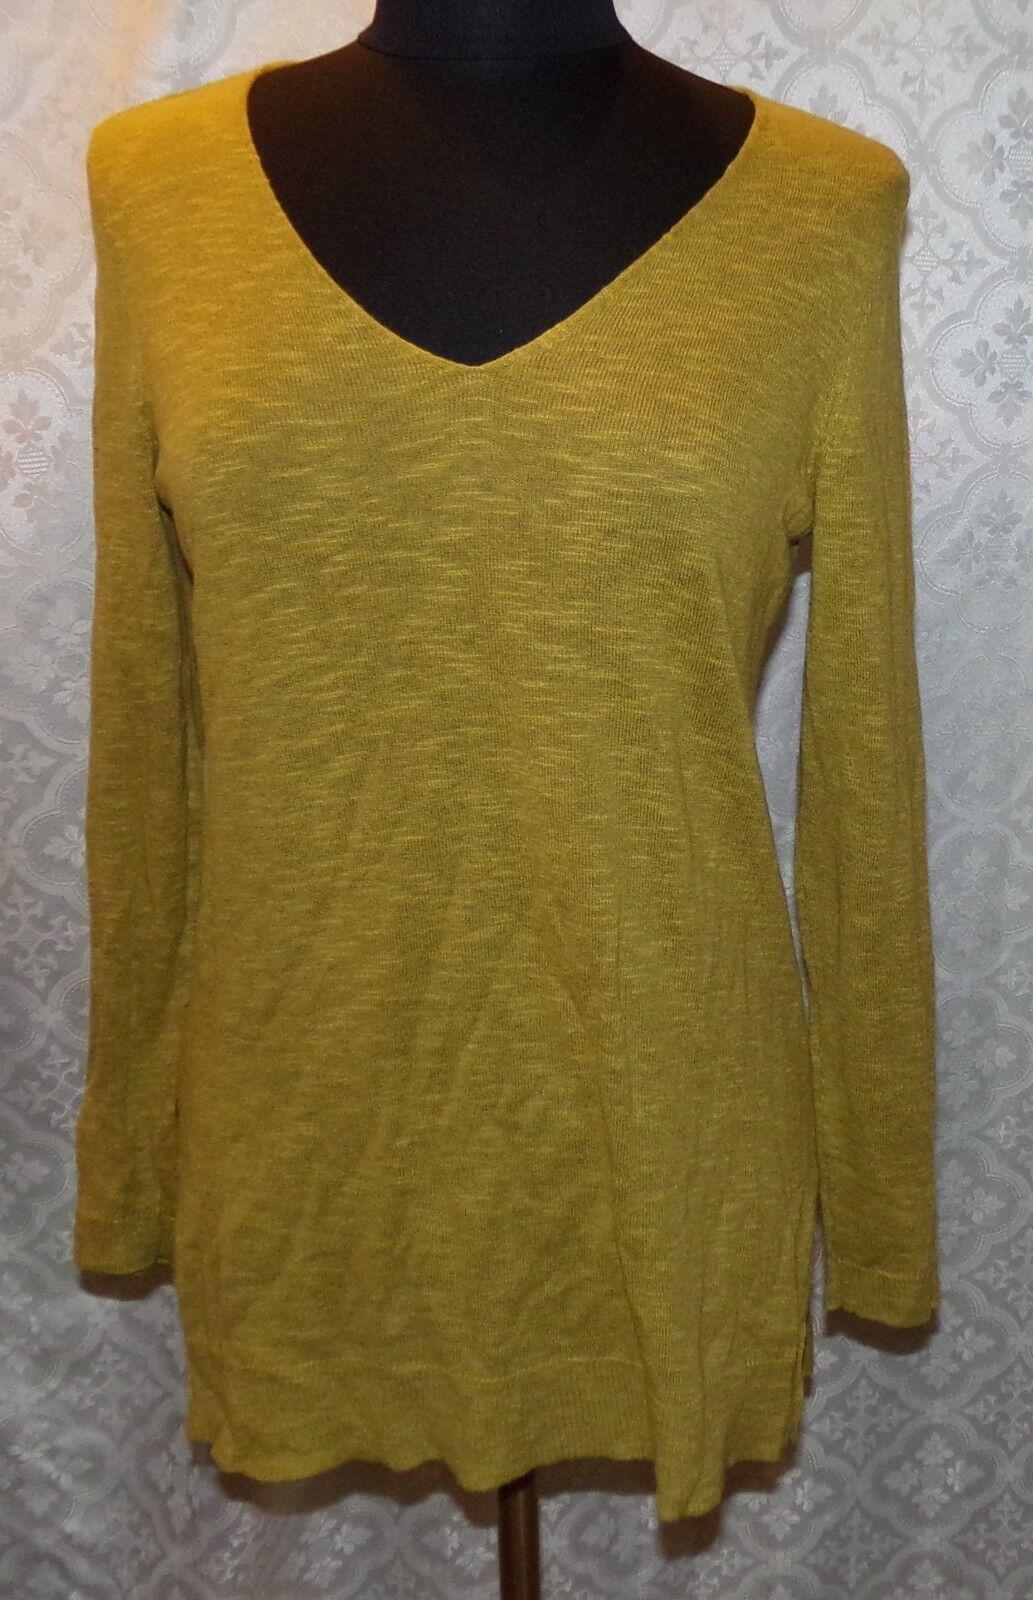 Eileen Fisher Petite PM Light Weight Sweater Top Organic Linen Cotton Blend